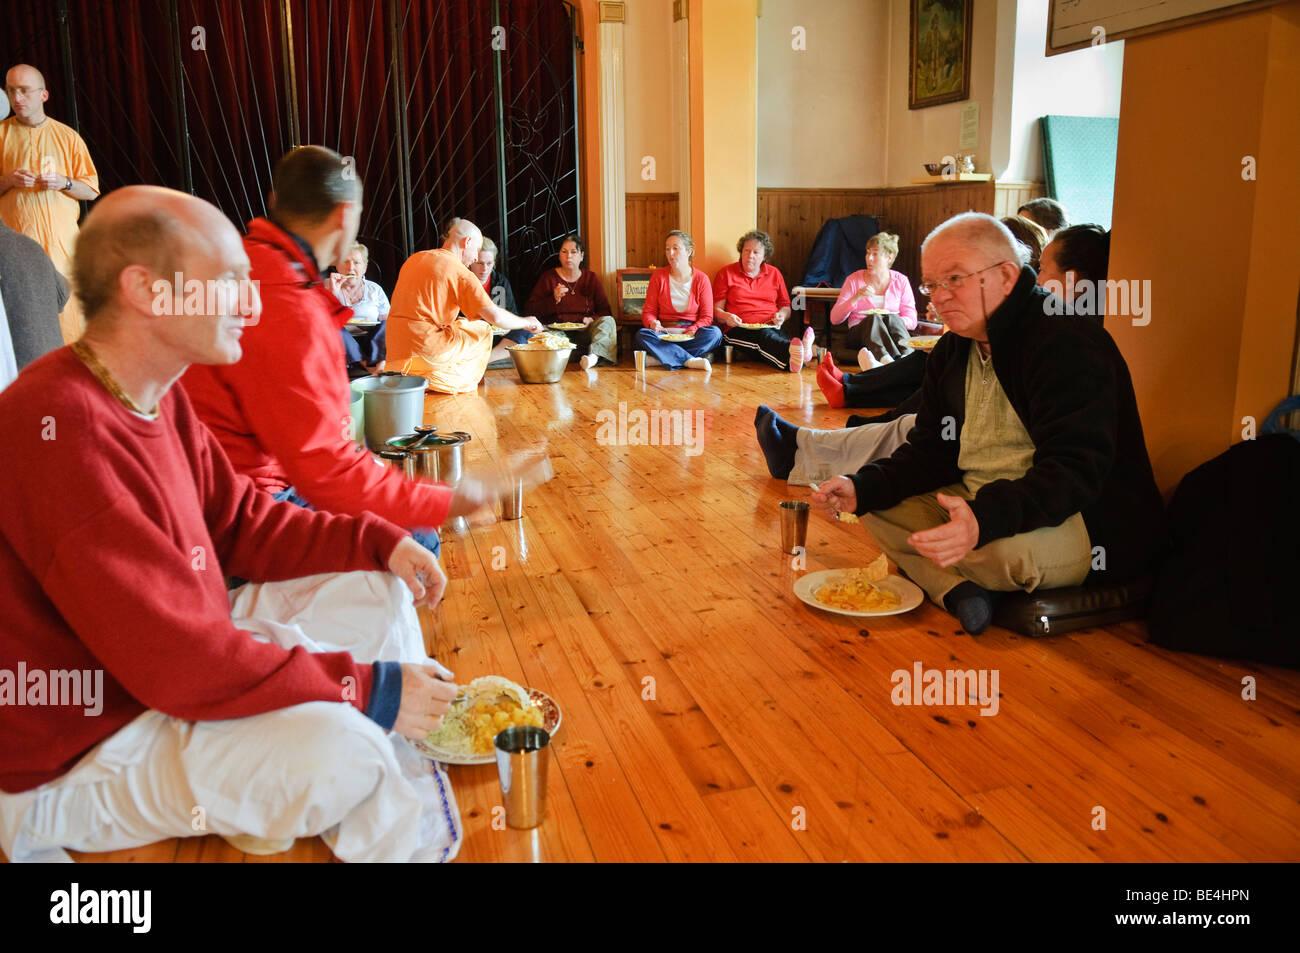 ISKCON Hare Krishna jünger und Besucher essen Vegetarier fest in einem Tempel Zimmer Stockfoto